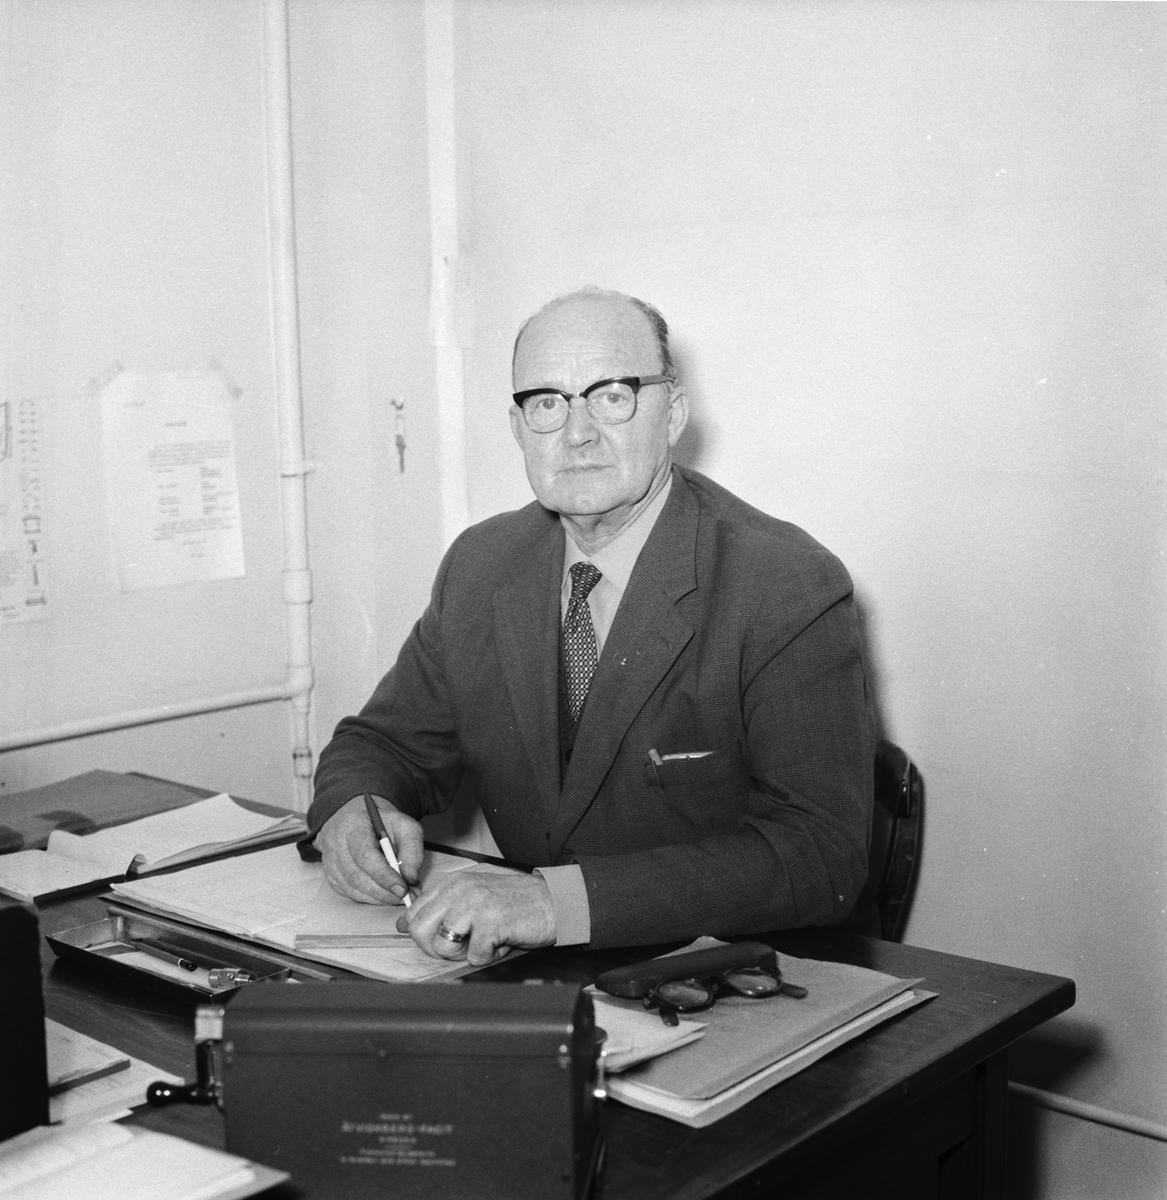 Övrigt: Foto datum: 13/3 1961 Byggnader och kranar B.D. kontorsinteriör och personal